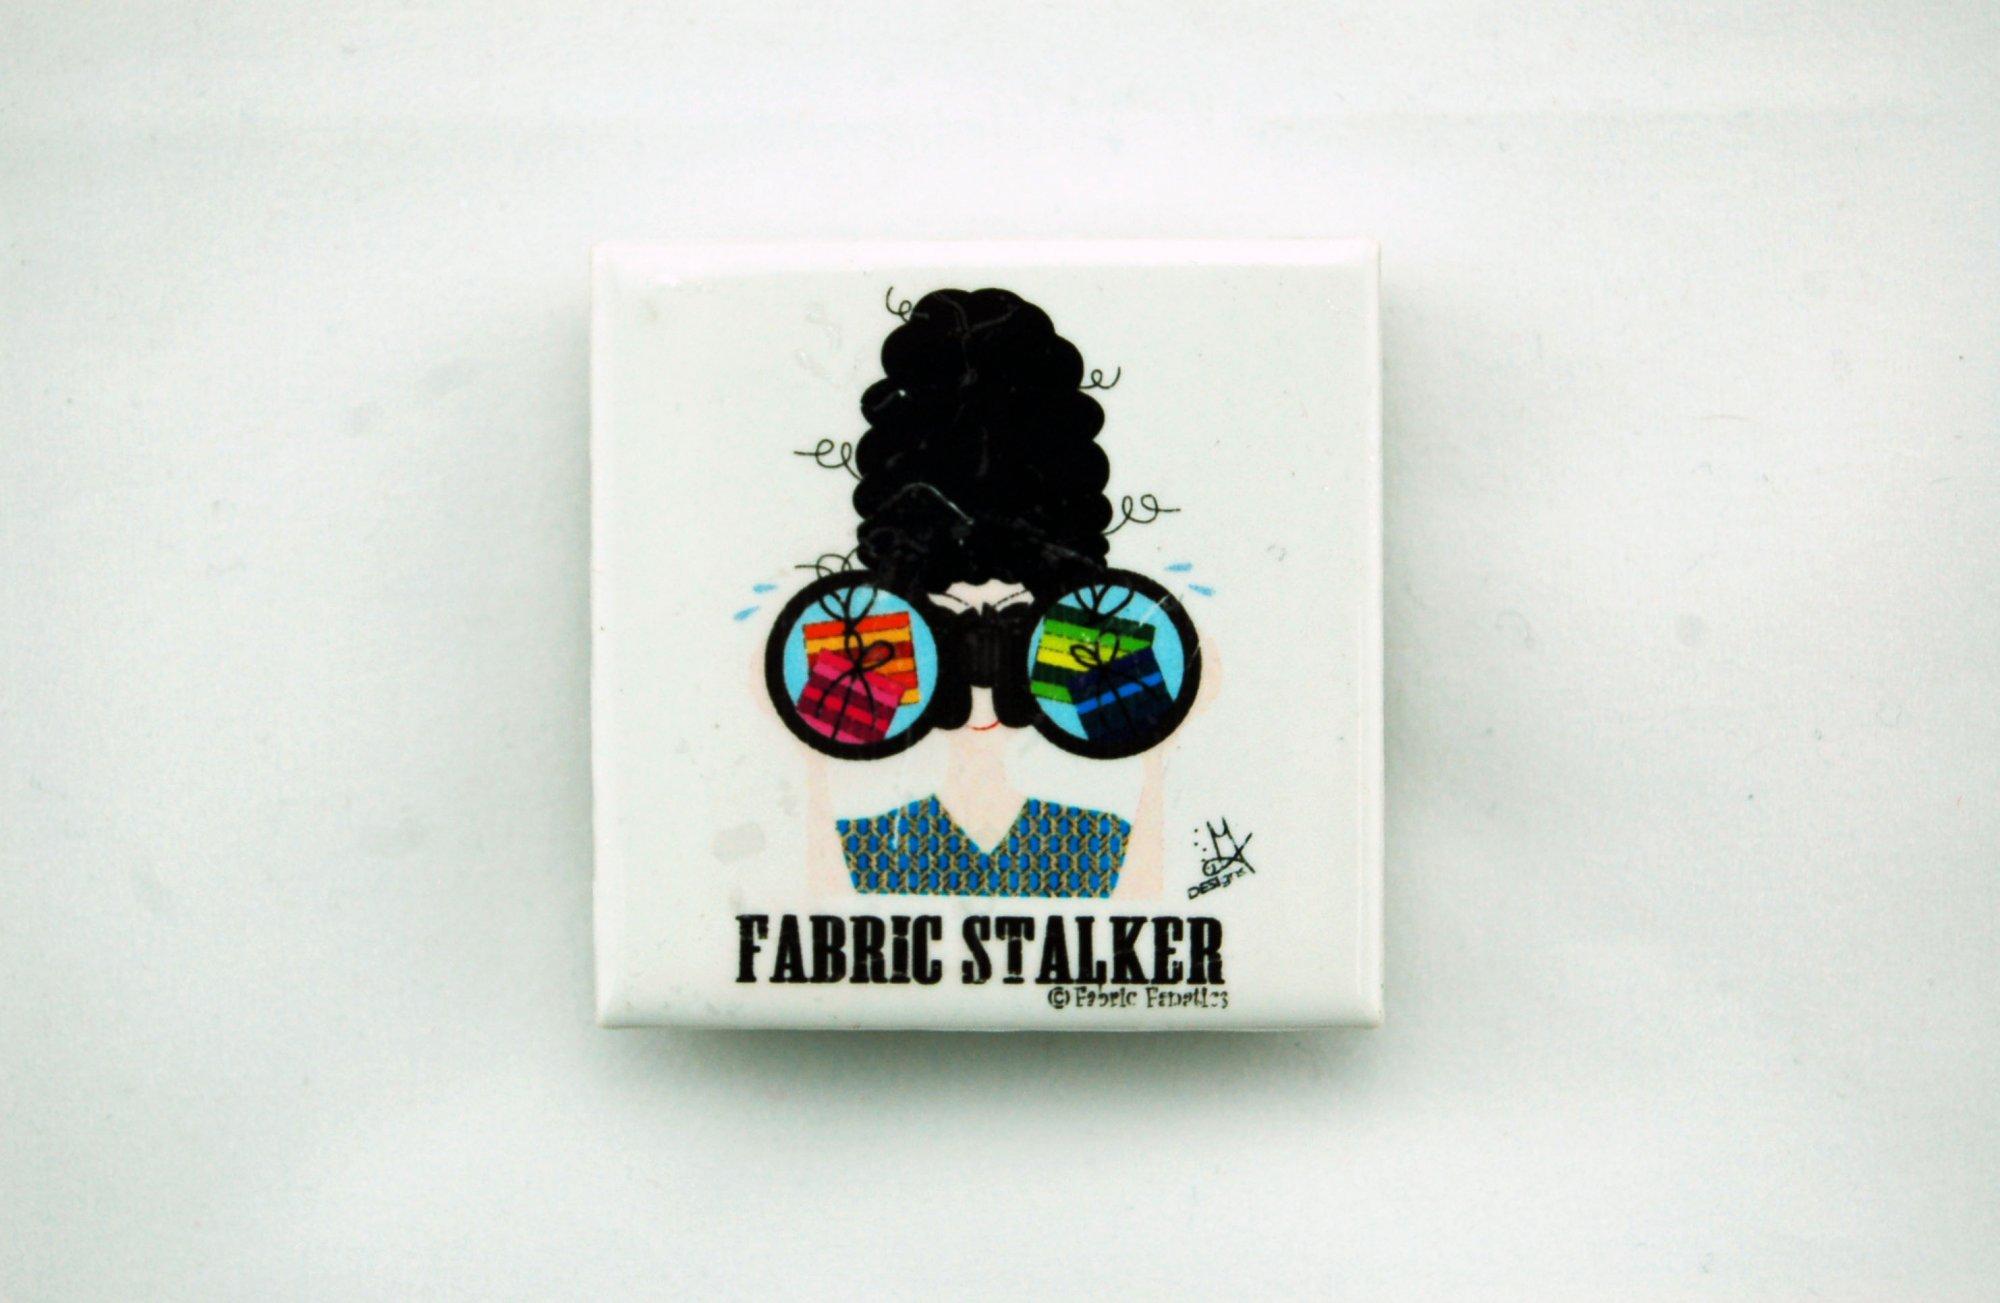 Magnet Fabric Stalker